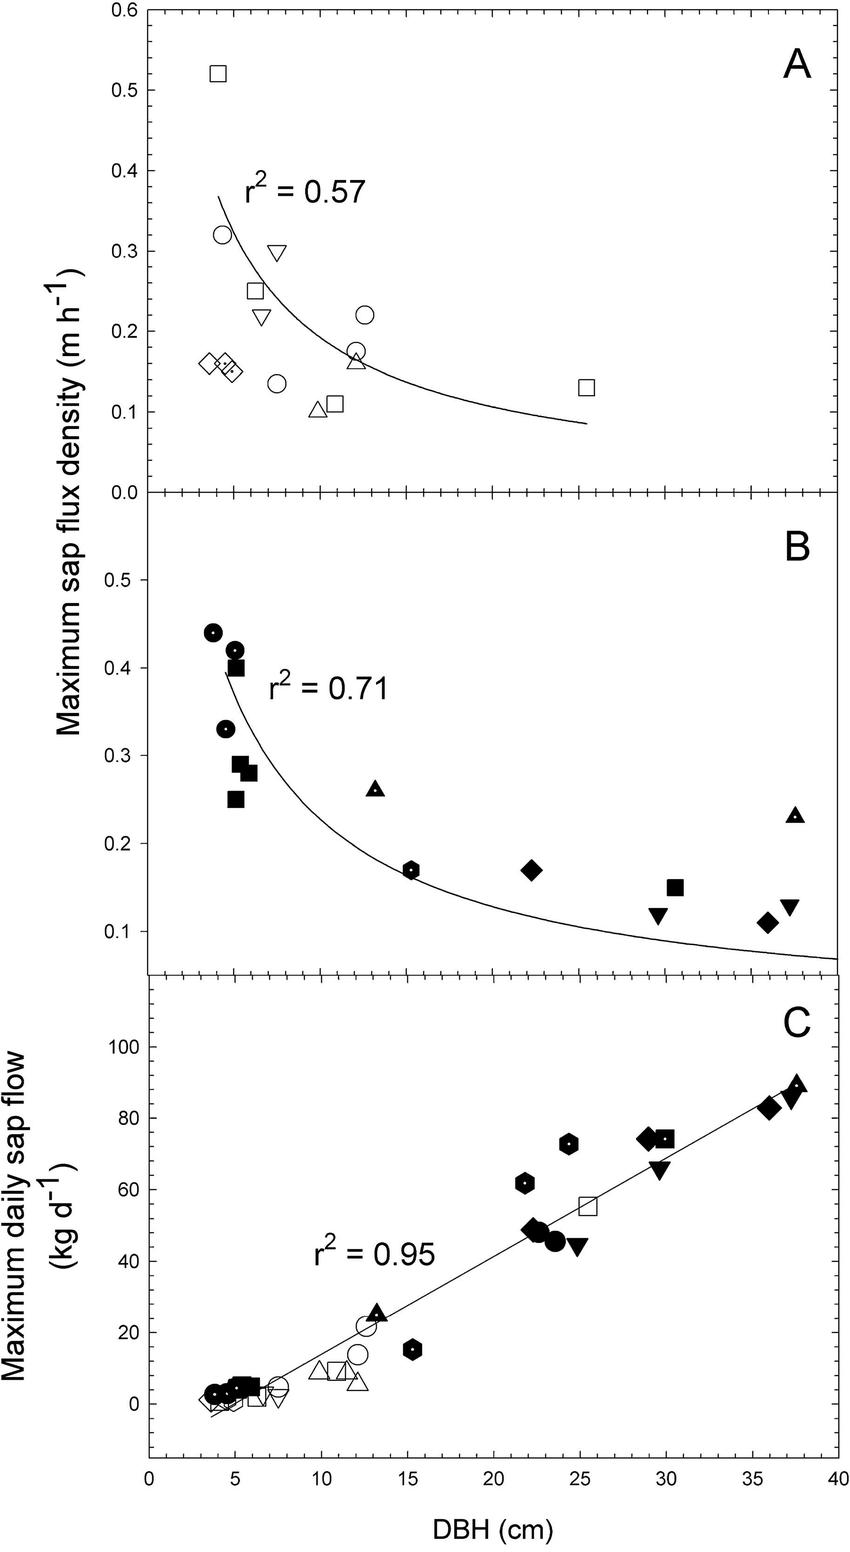 medium resolution of a b maximum sap flux density and c maximum daily sap flow for lianas download scientific diagram